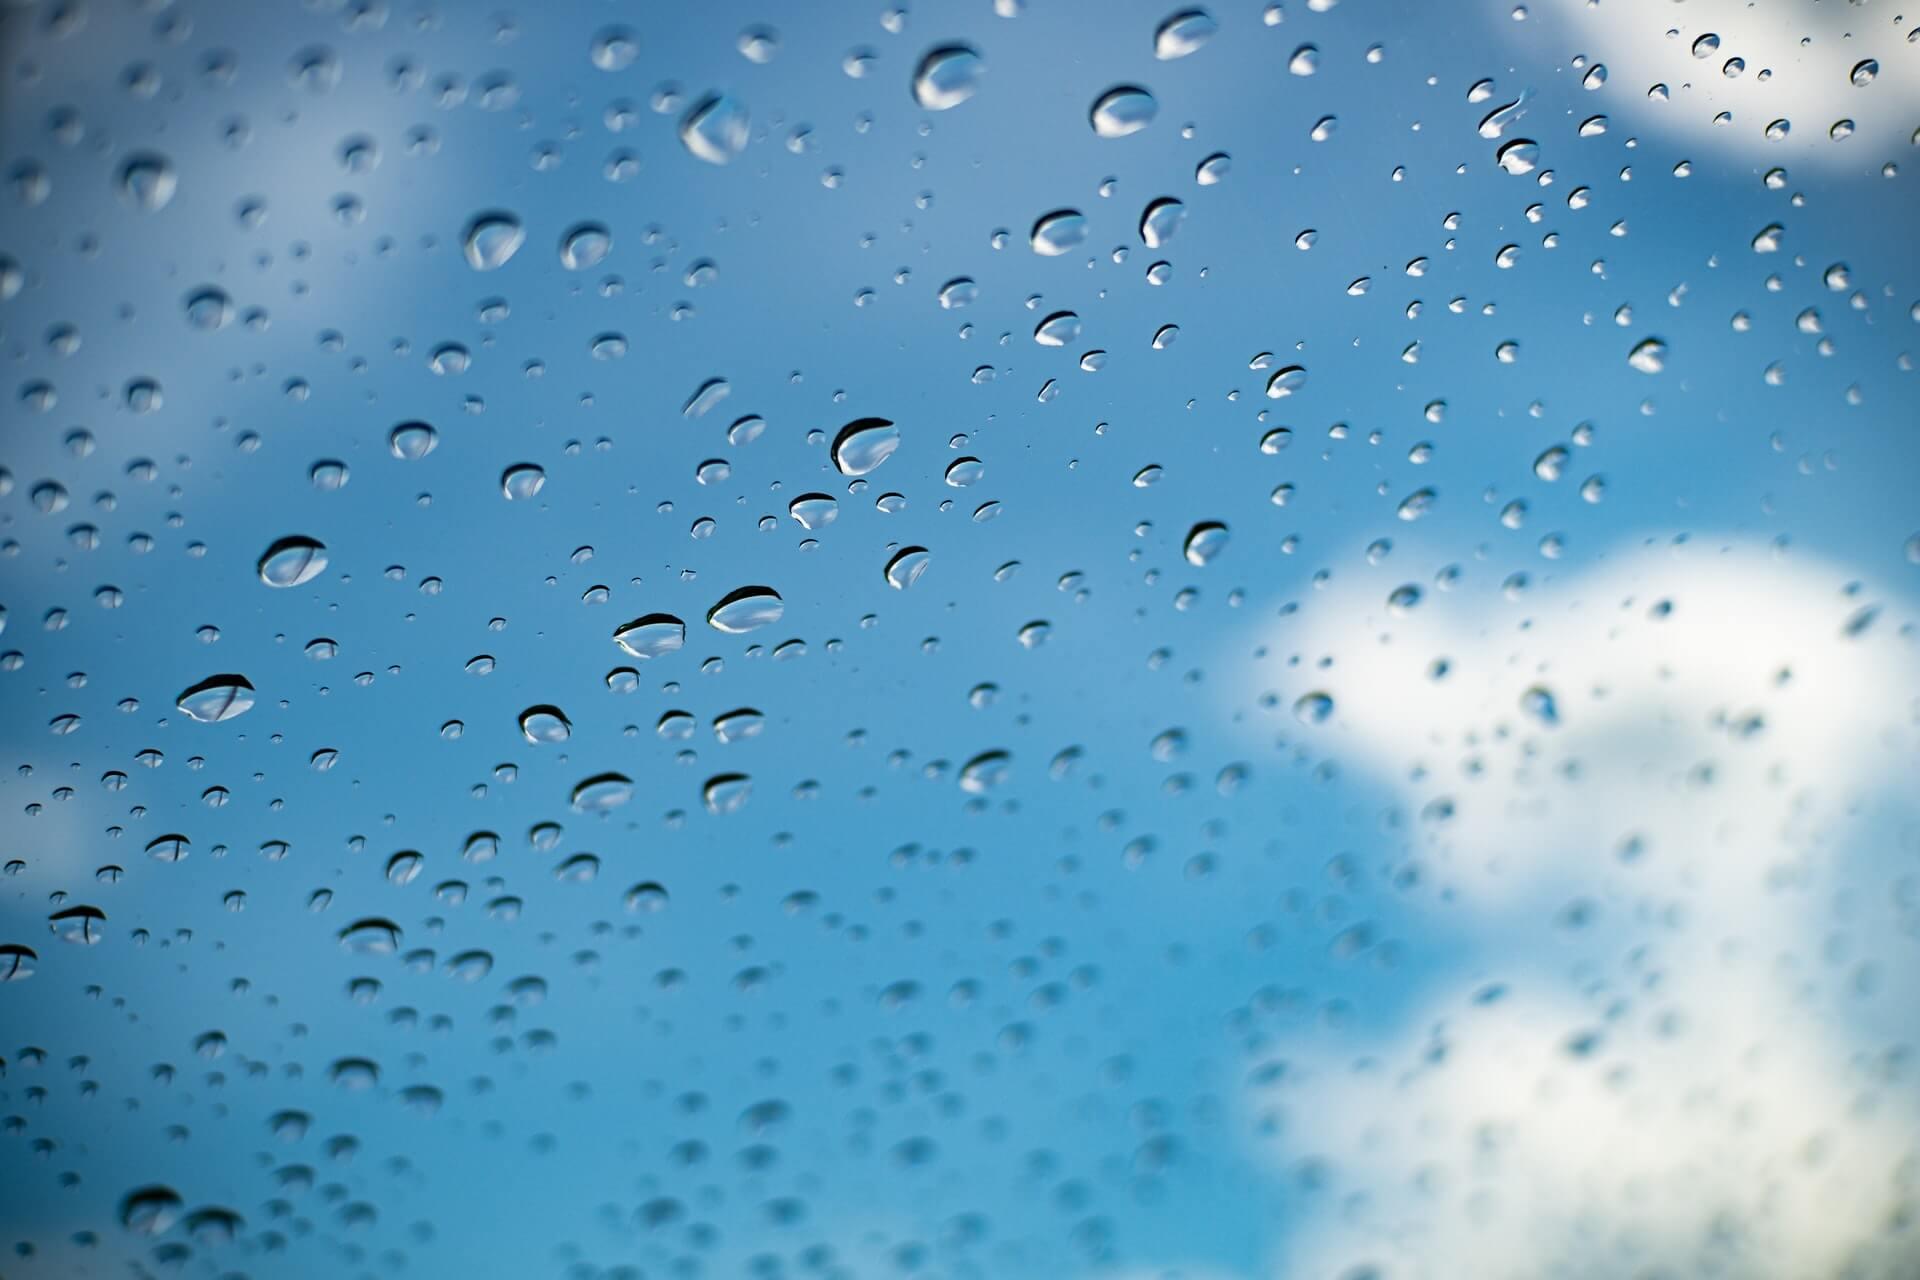 ガラスの水垢をきれいに落とすには?原因や水垢を落とす方法を紹介